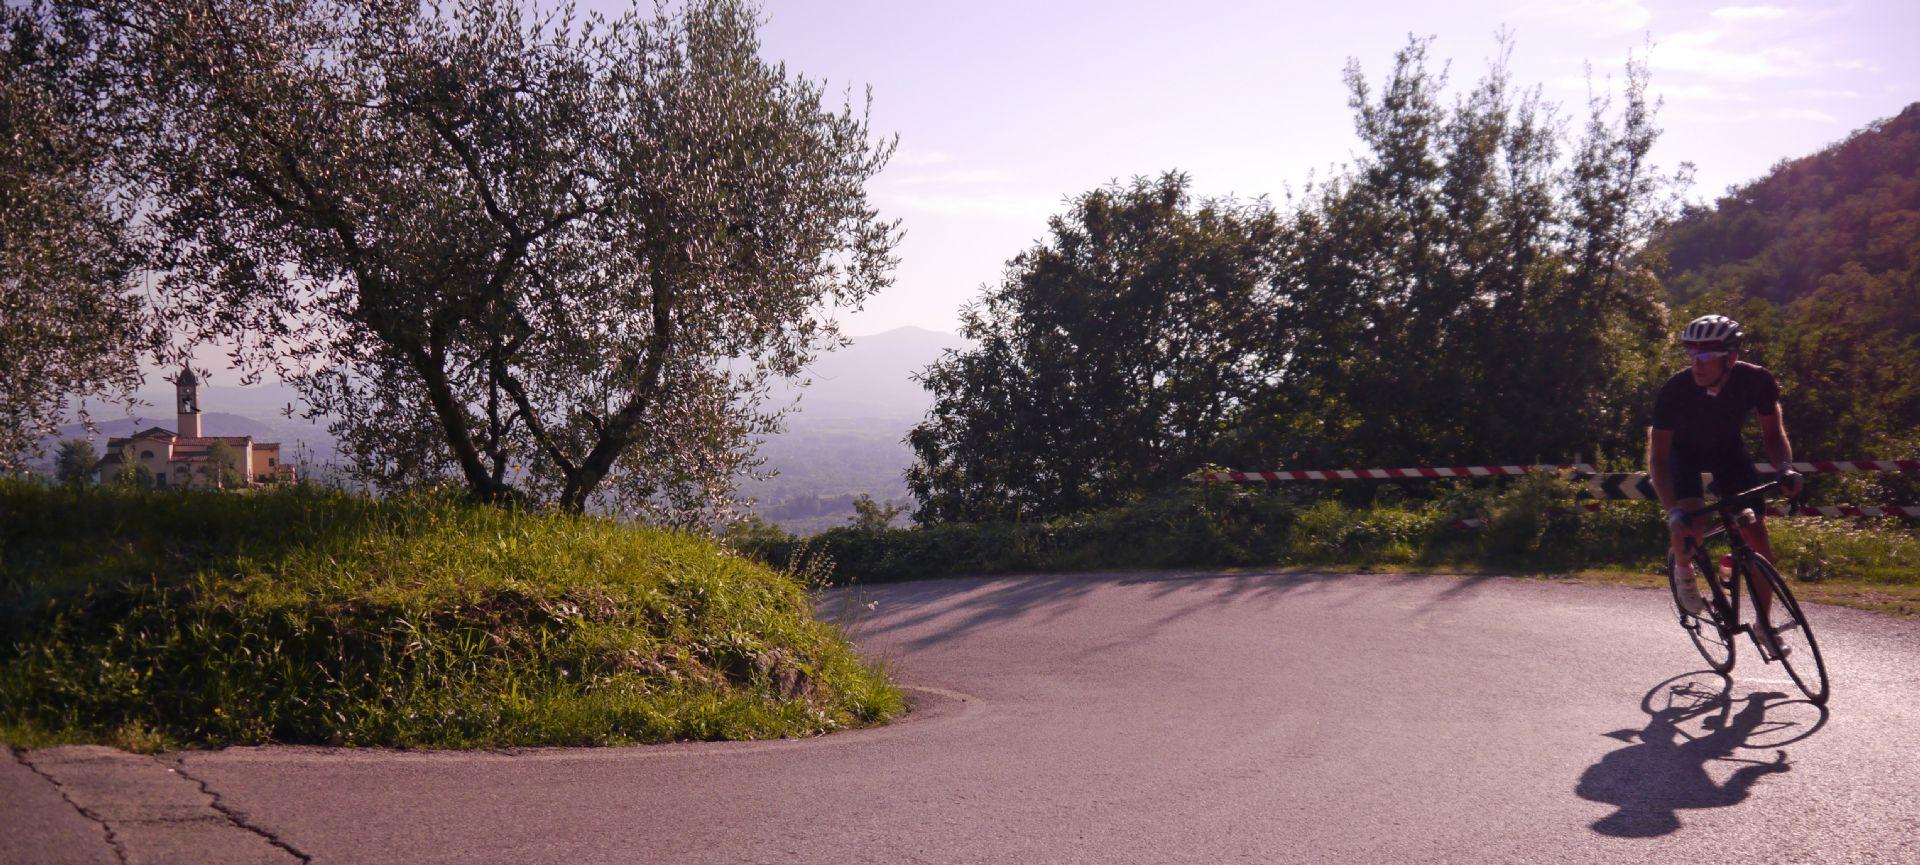 Tuscany.jpg - Italy - Garfagnana - The Mountains of Tuscany - Italia Road Cycling